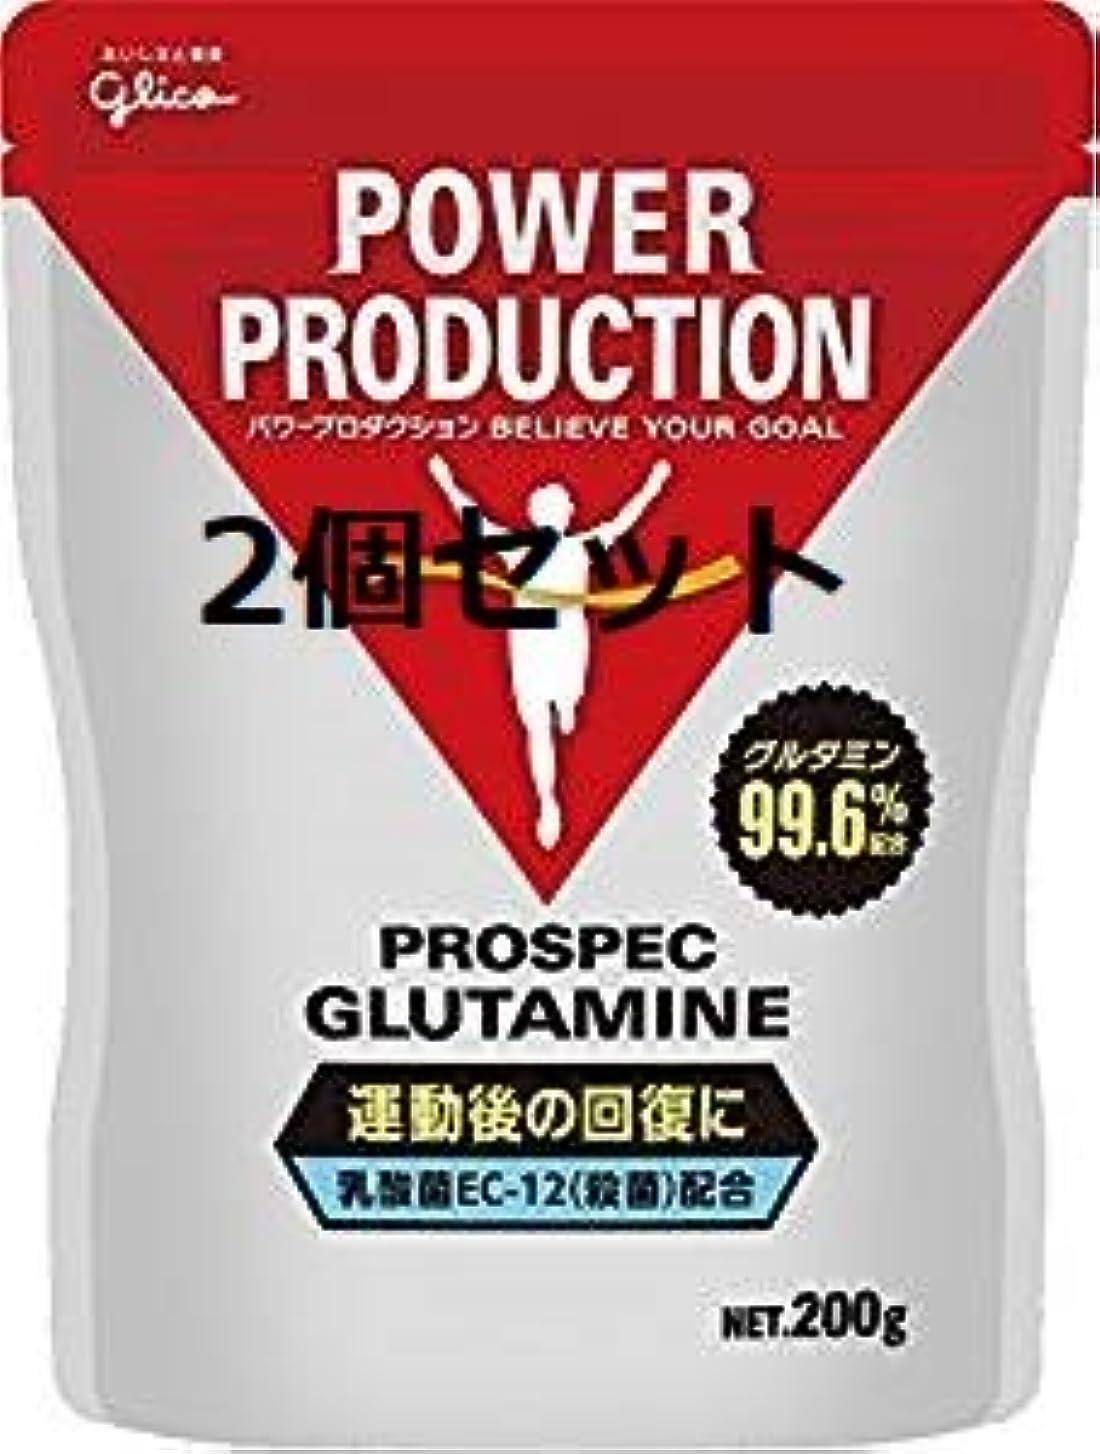 広告するさびた移行グリコ パワープロダクション グルタミンパウダー 200g ×2個???